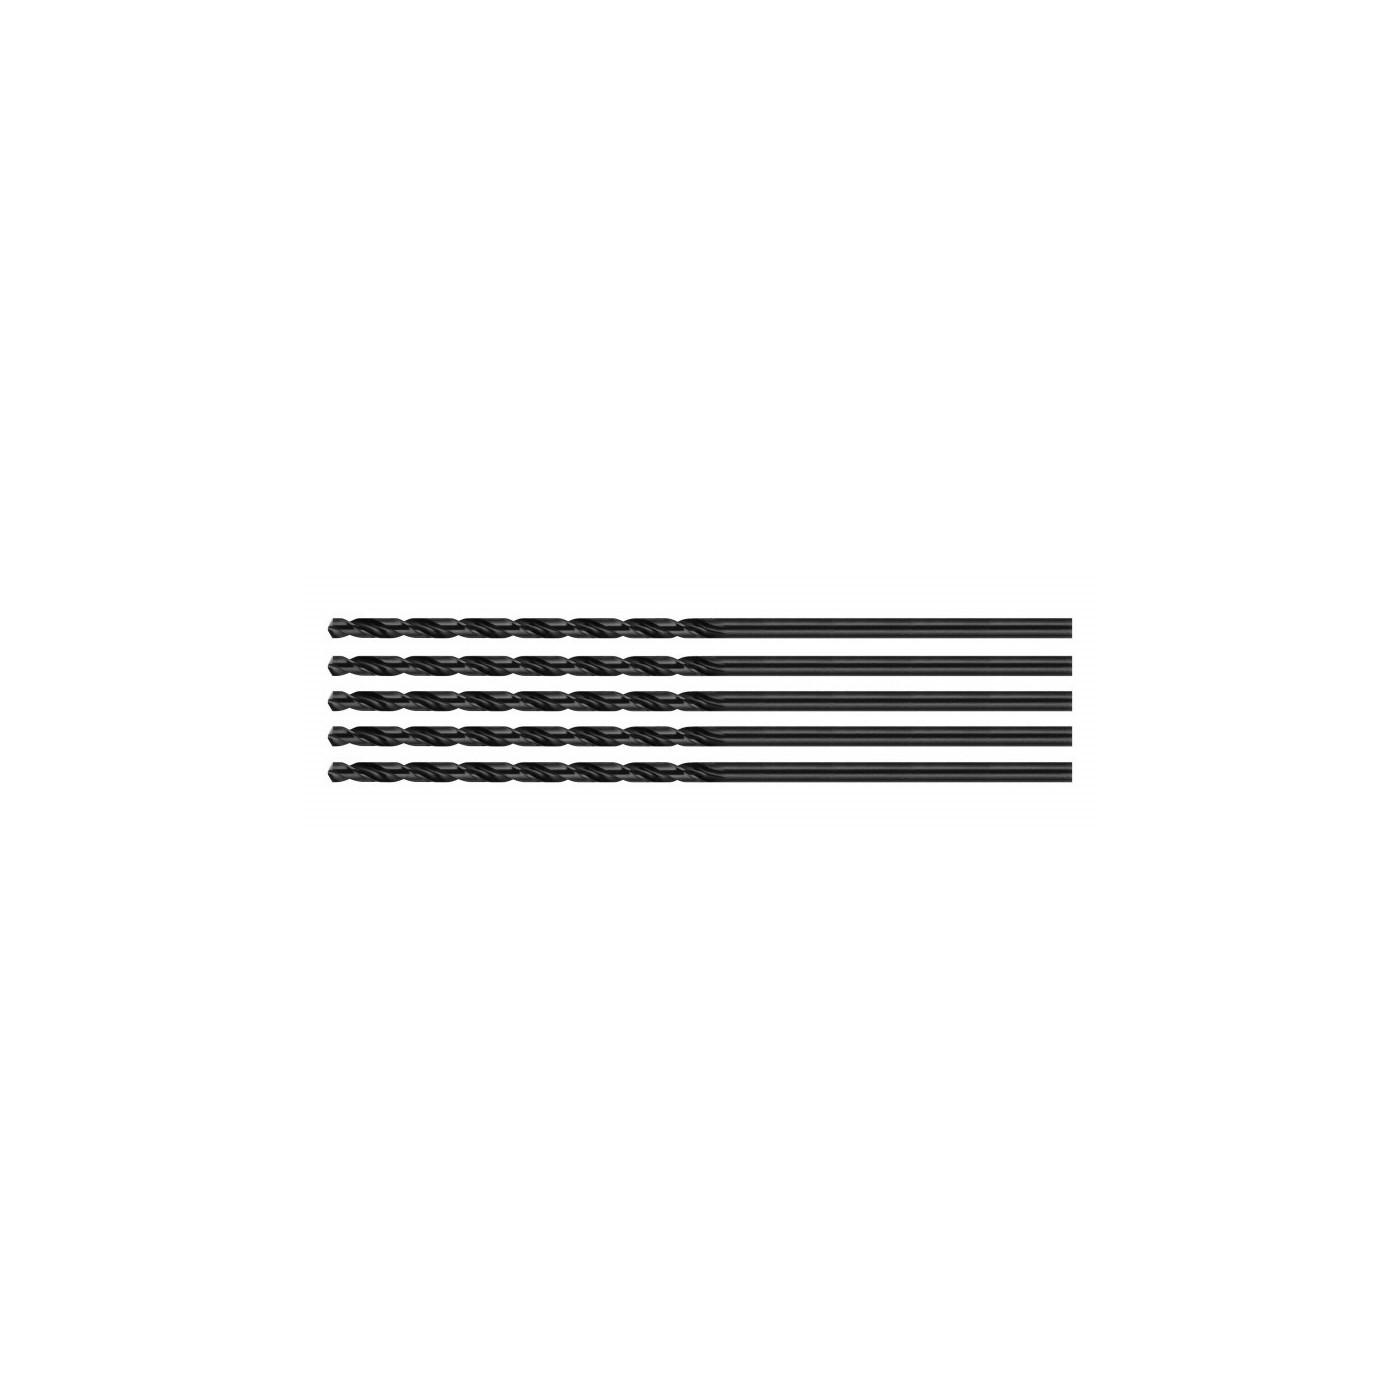 Set van 5 metaalboren (HSS, 4,5x75 mm)